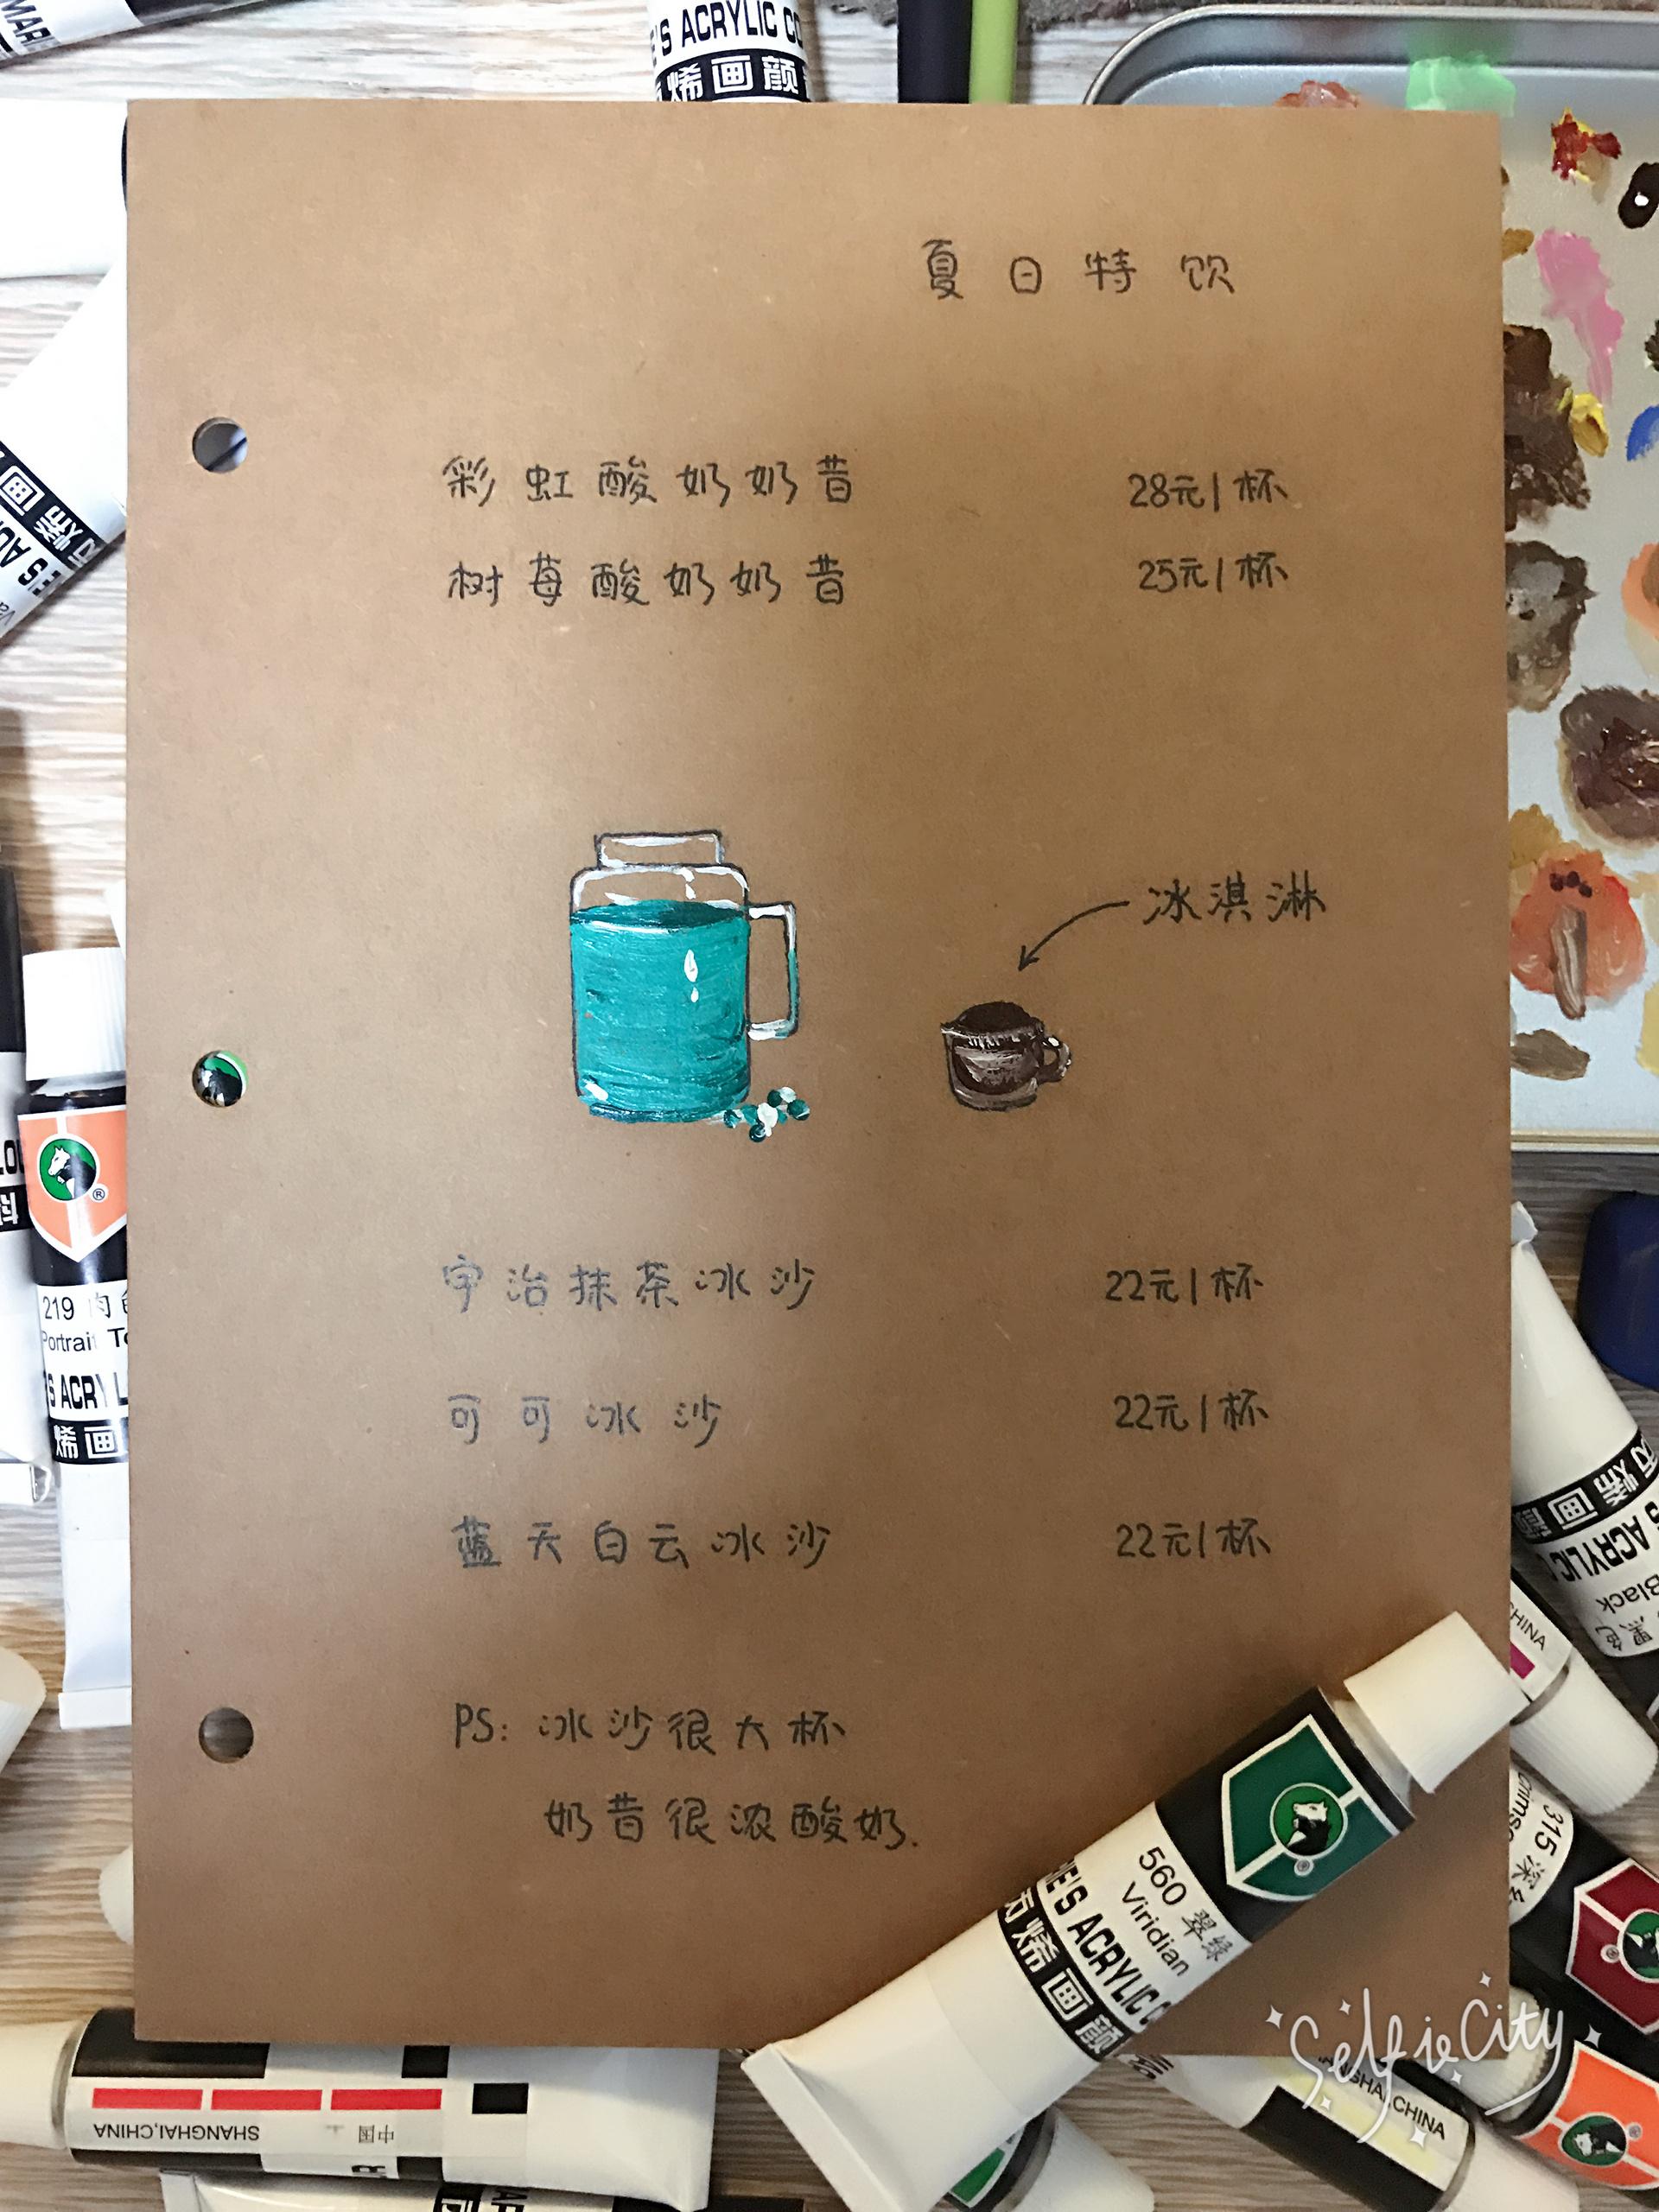 咖啡馆·手绘菜单/cafe, hand-painted menu